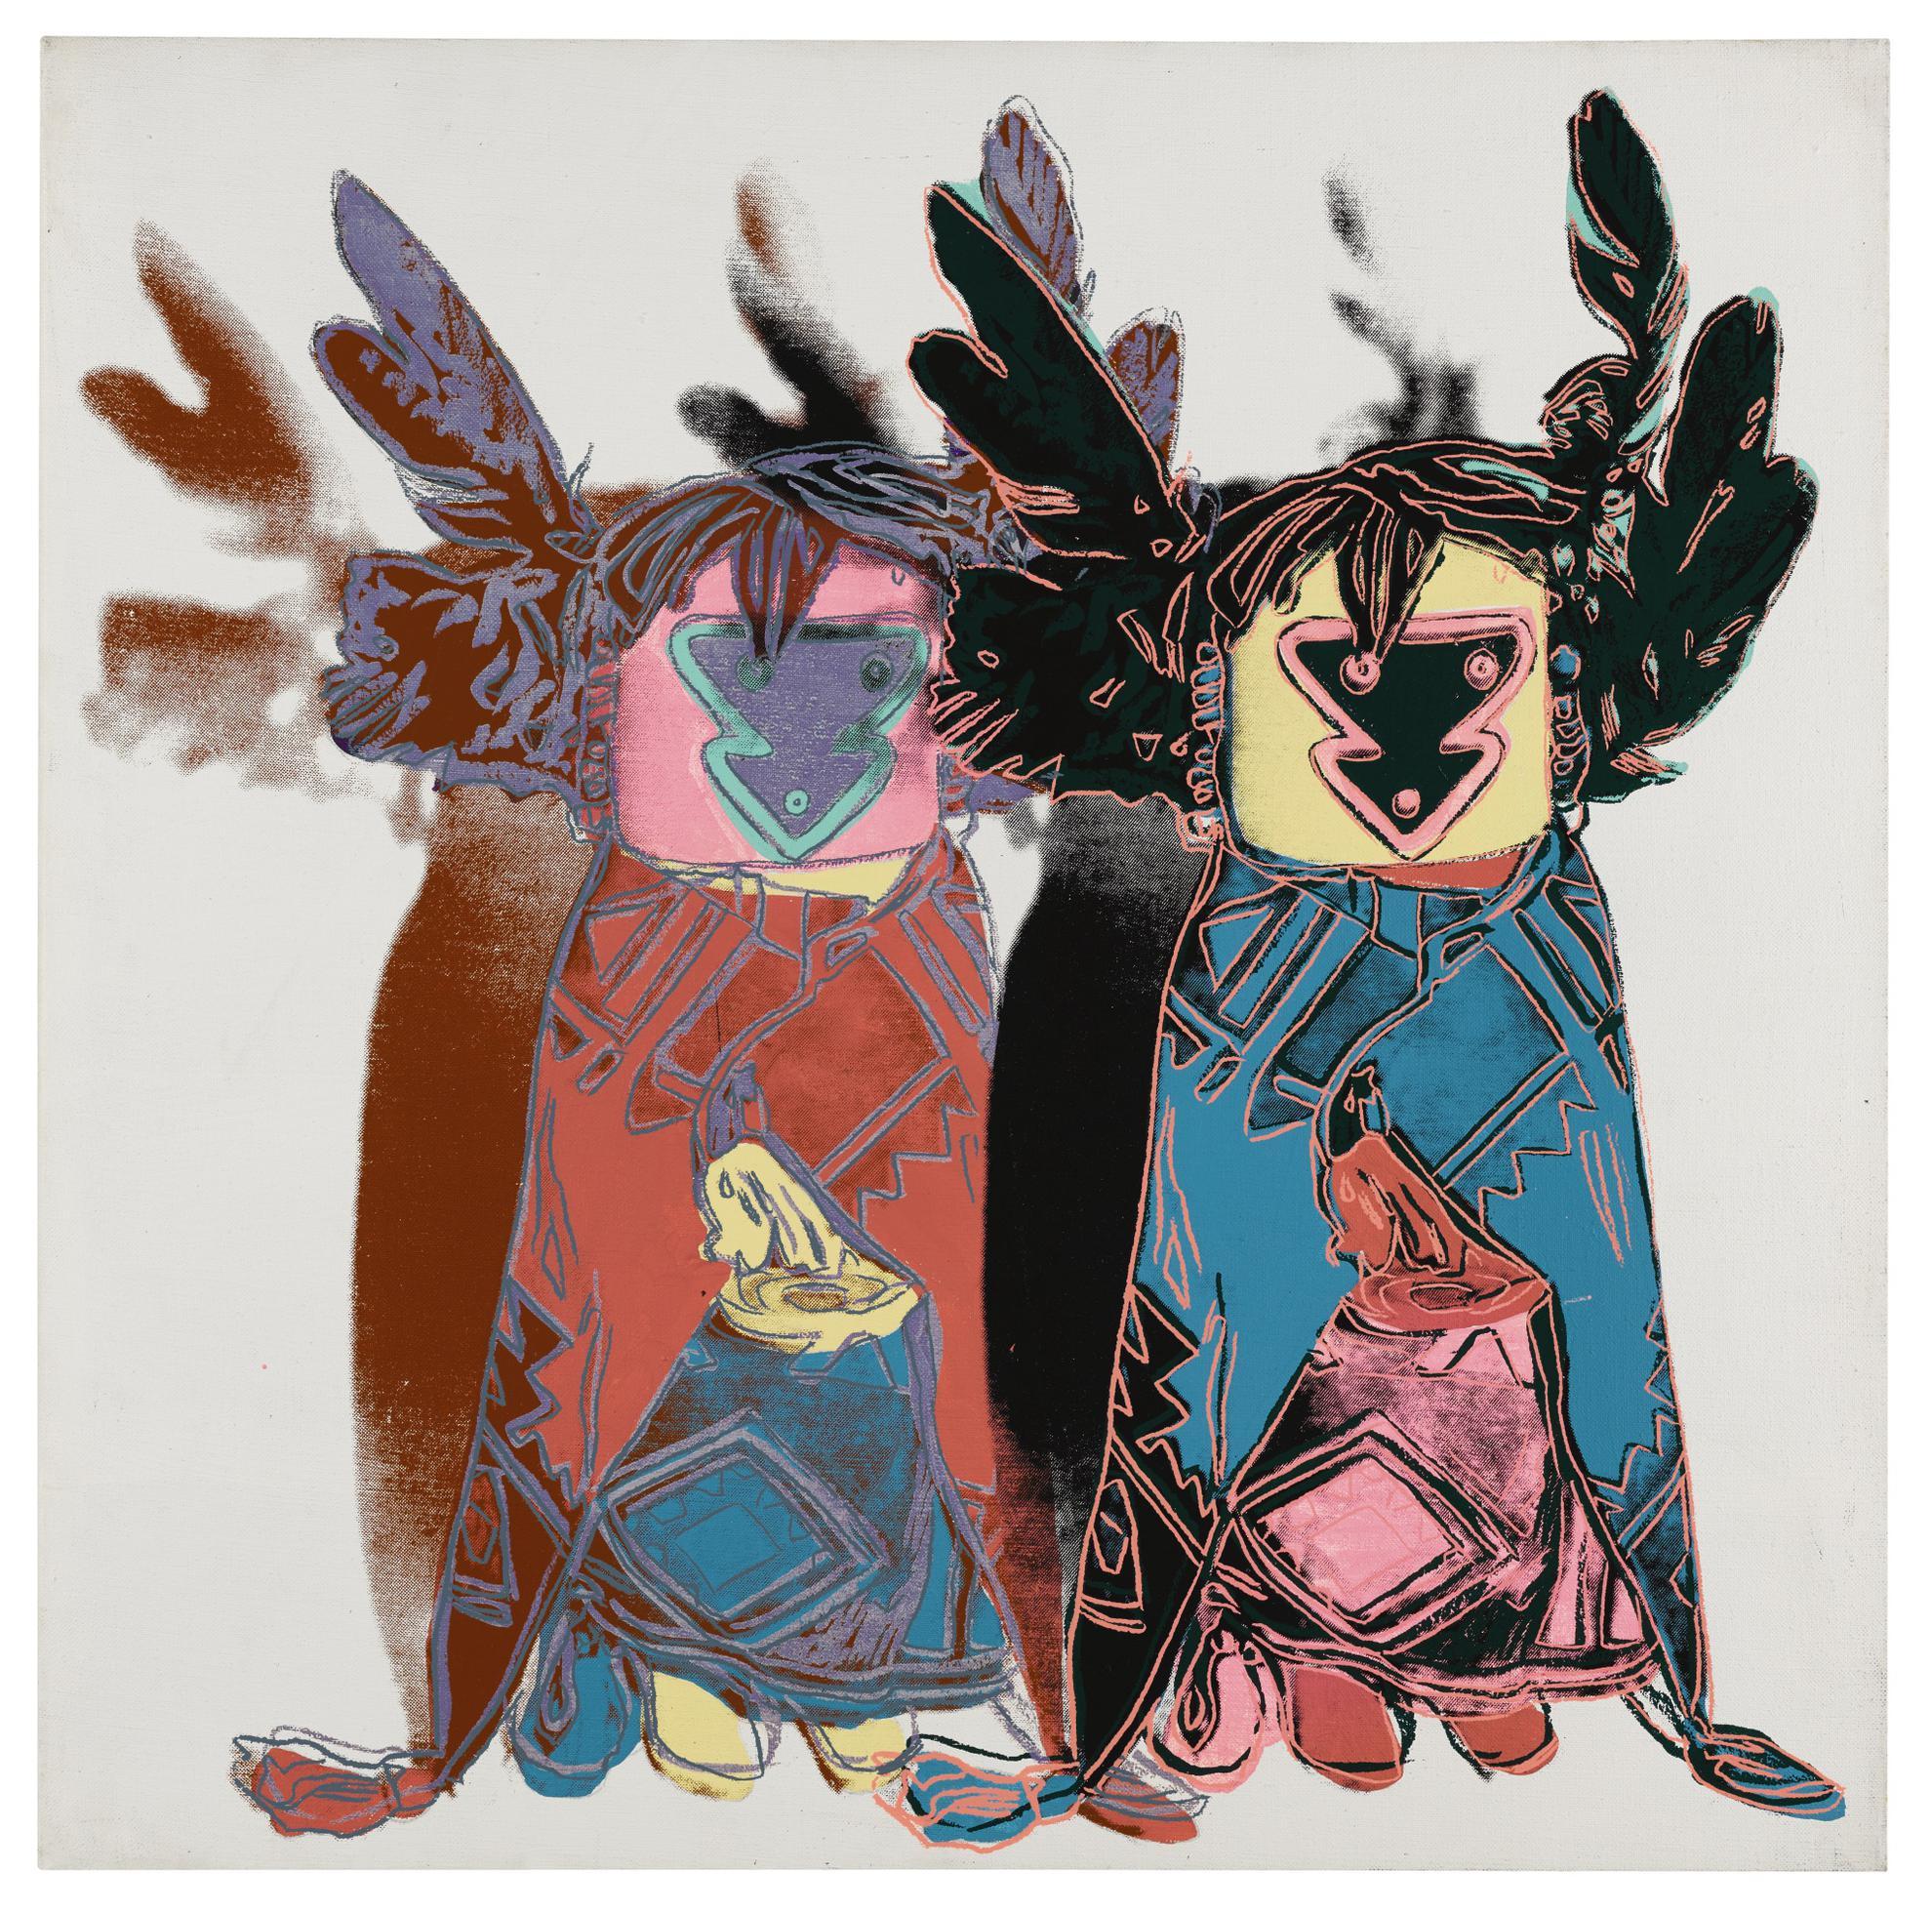 Andy Warhol-Kachina Dolls-1986